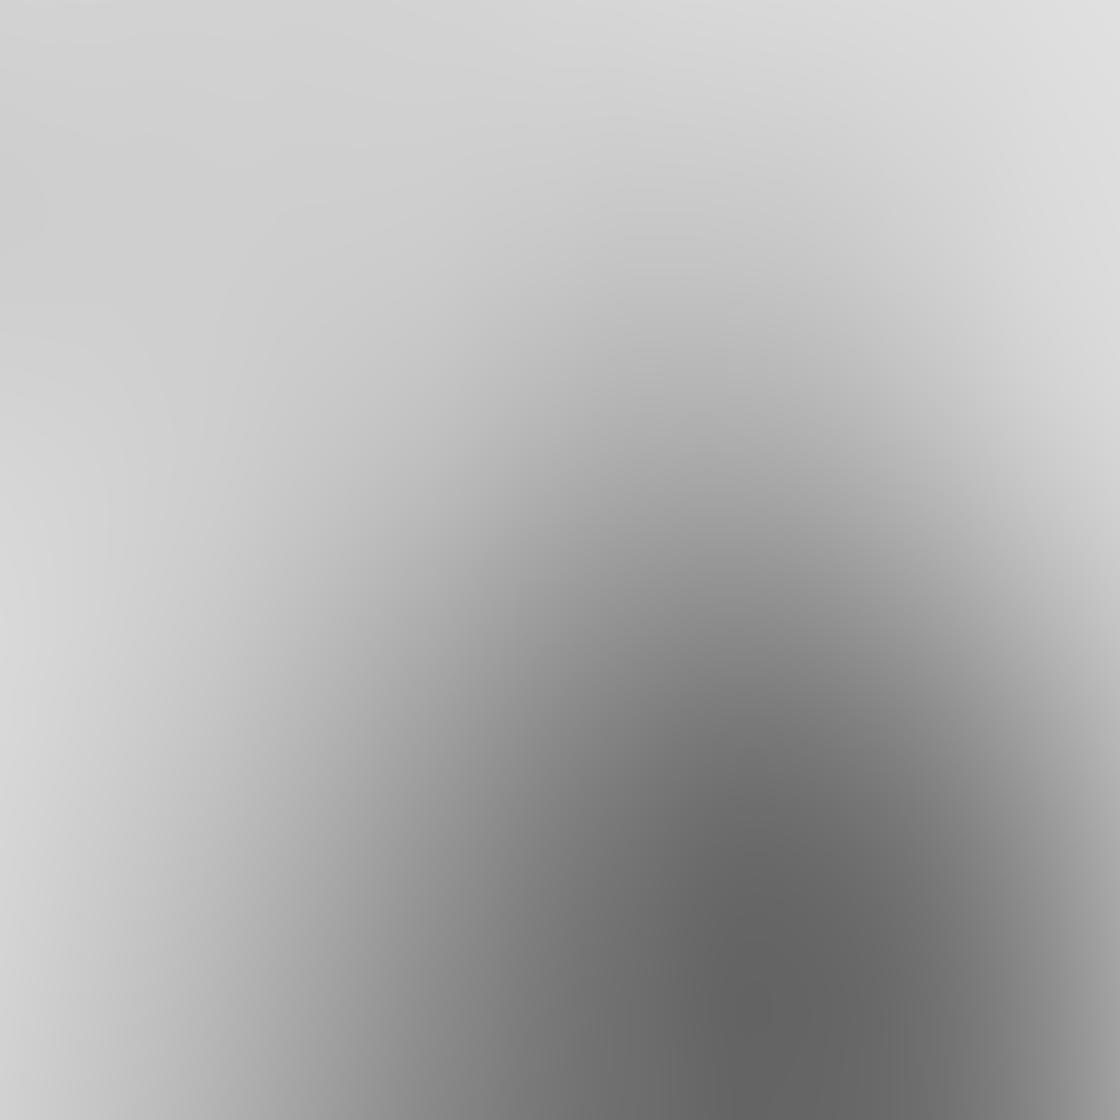 iPhone Photos Portrait Backgrounds 40